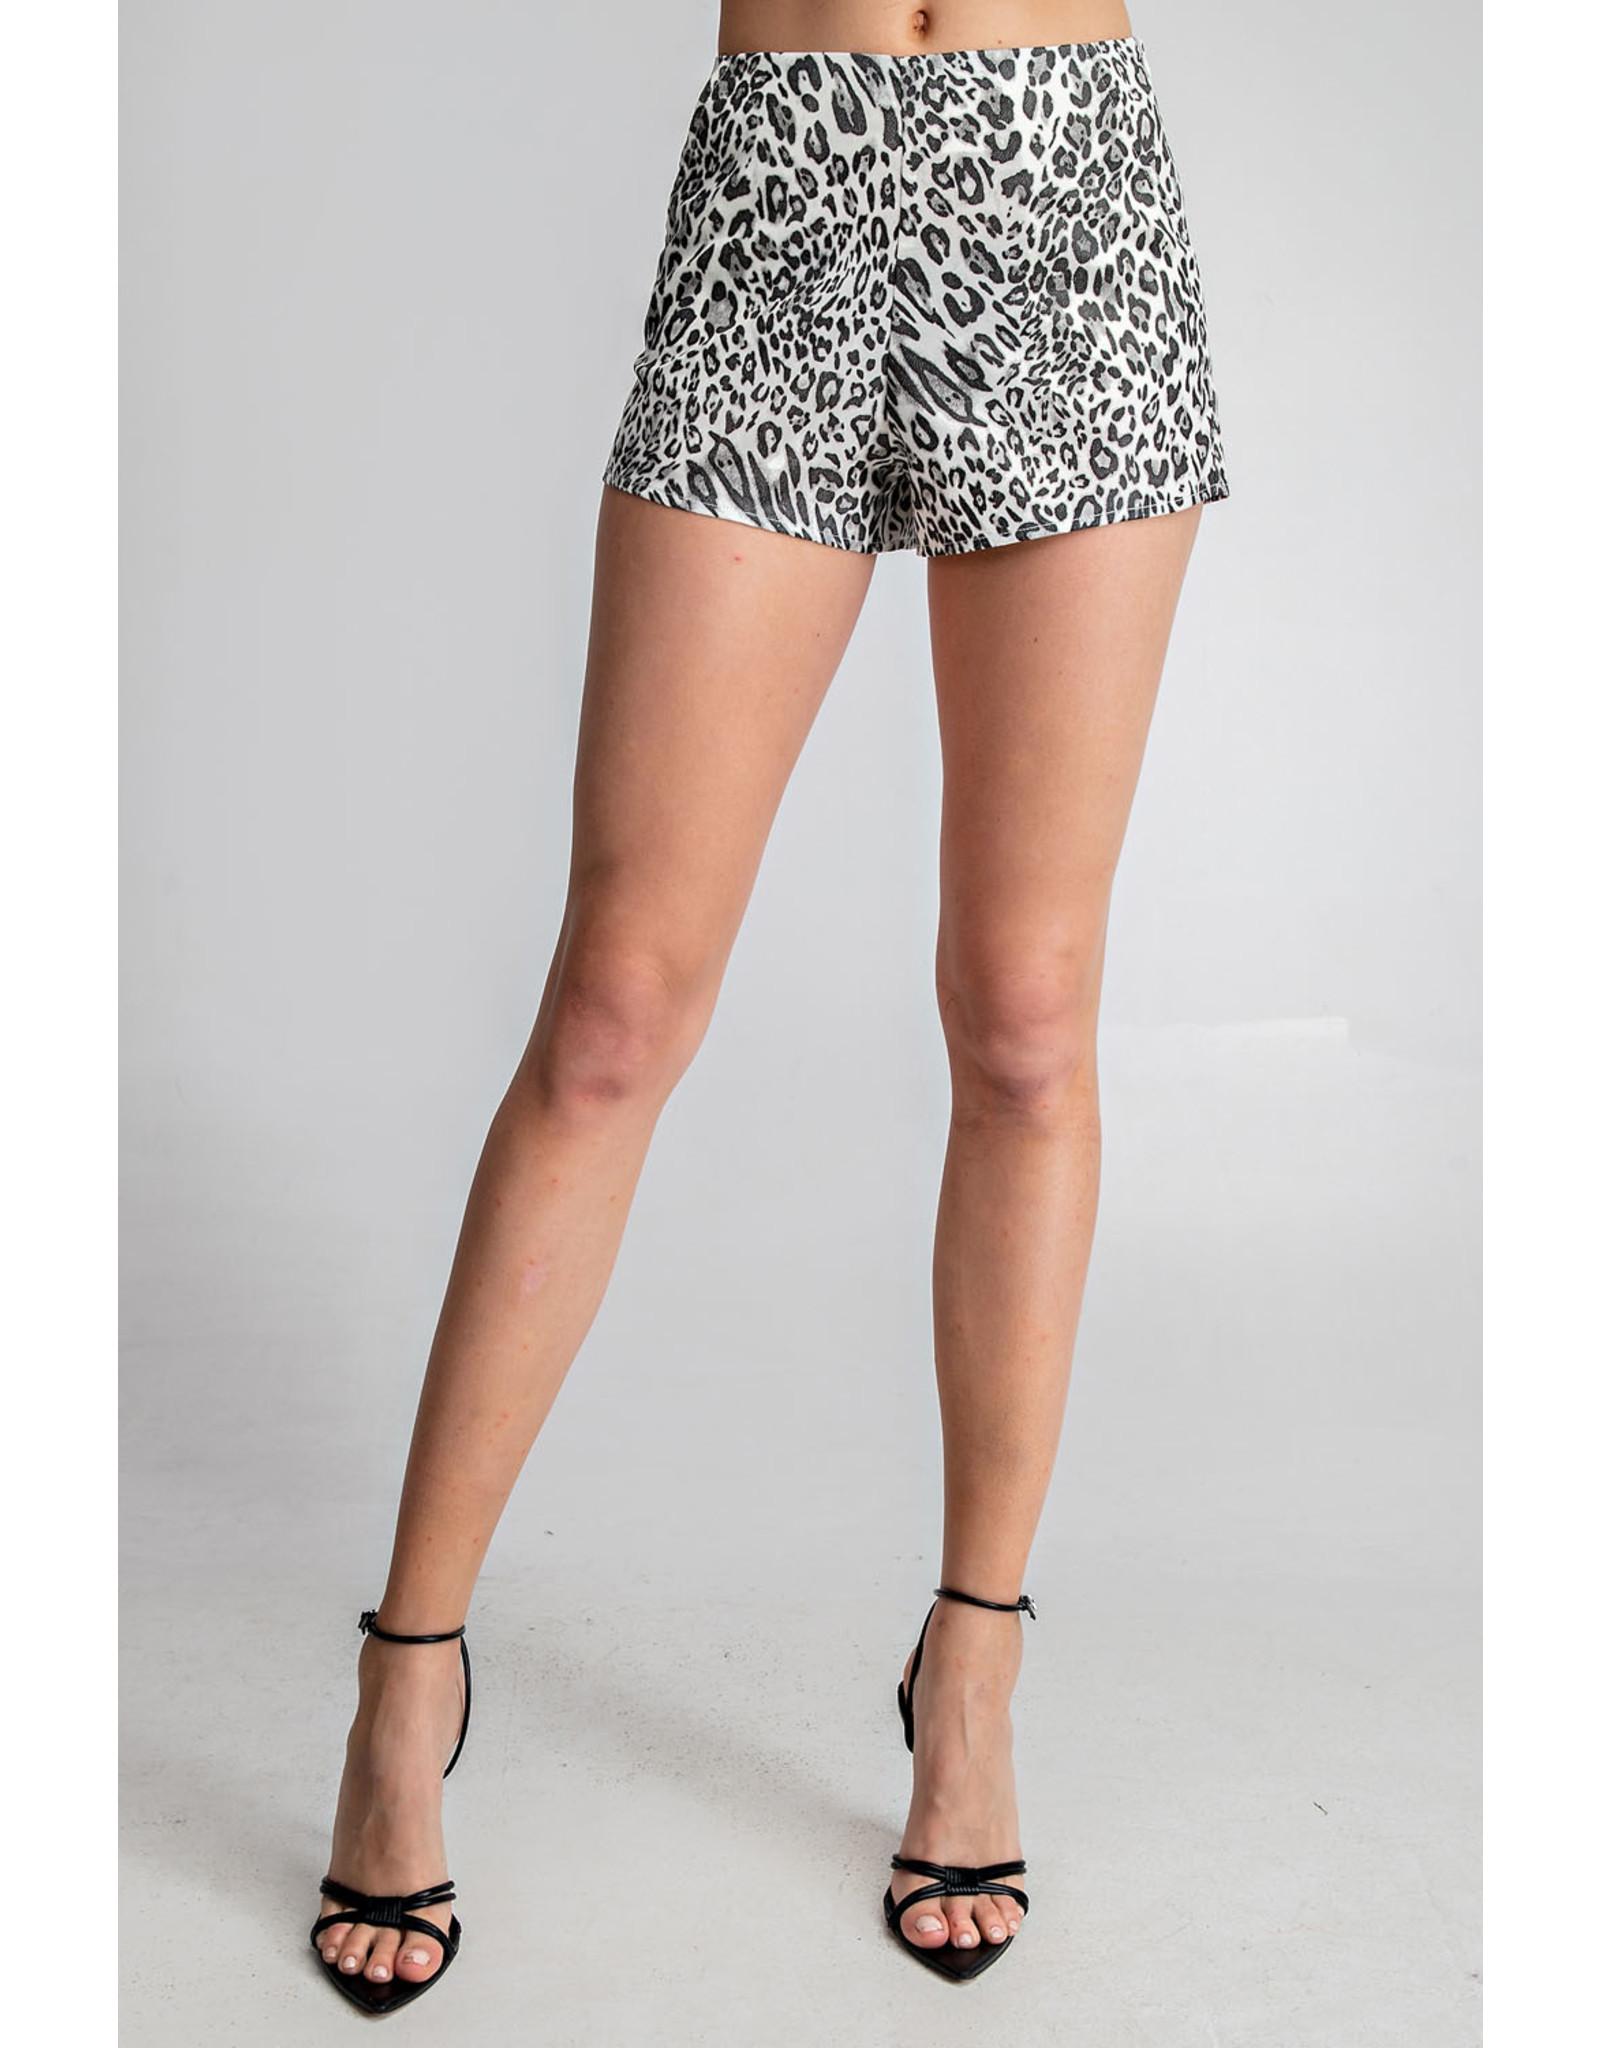 Glam White Leopard Print Shorts